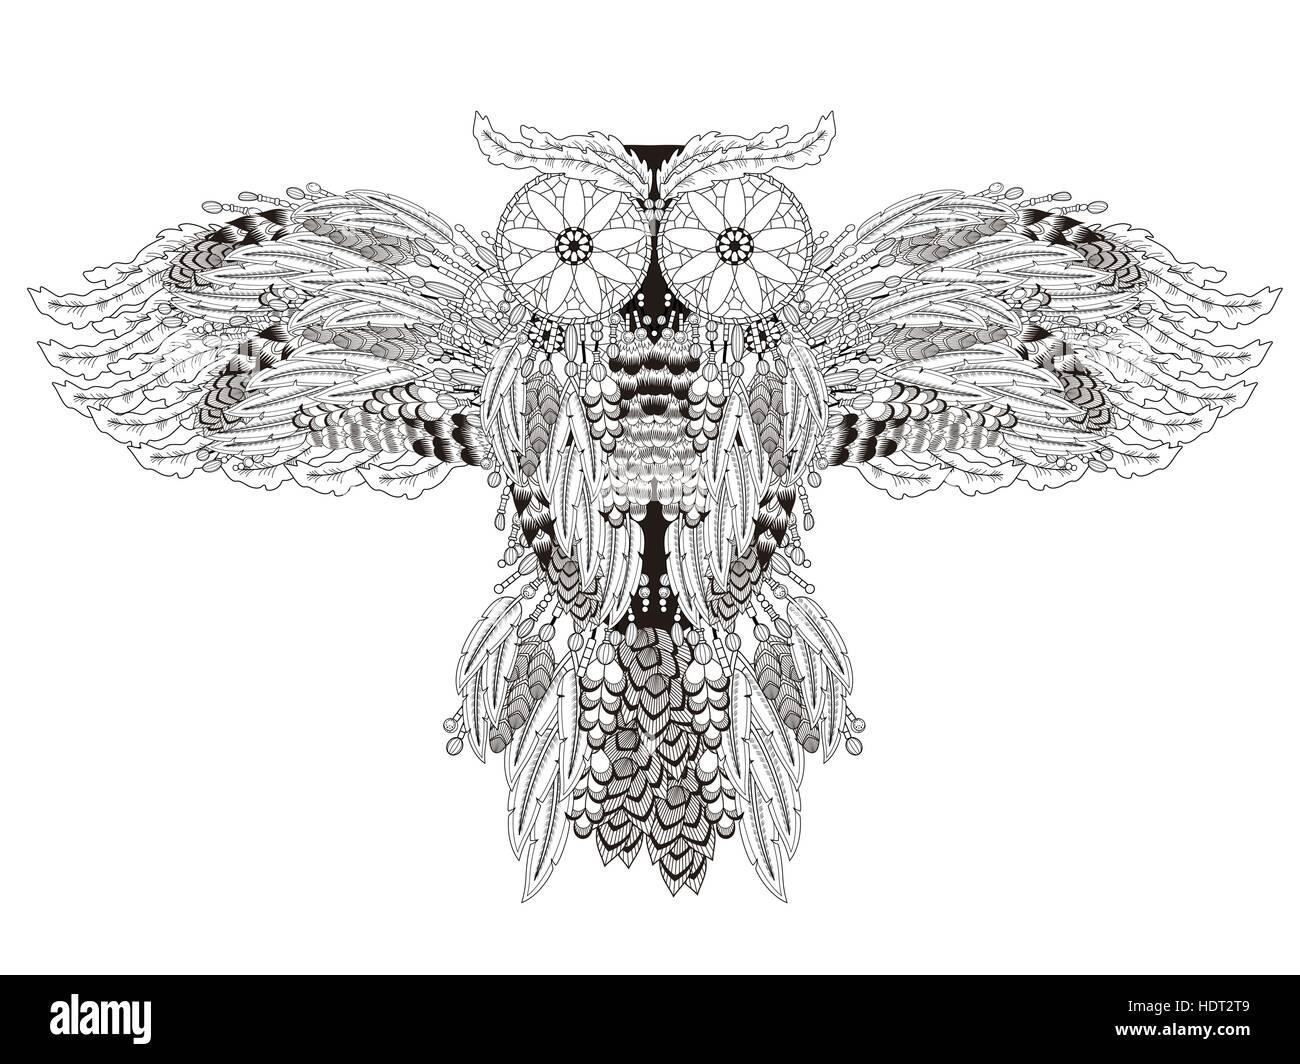 fliegende Eule Malvorlagen mit Traumfänger in exquisiten Linie ...